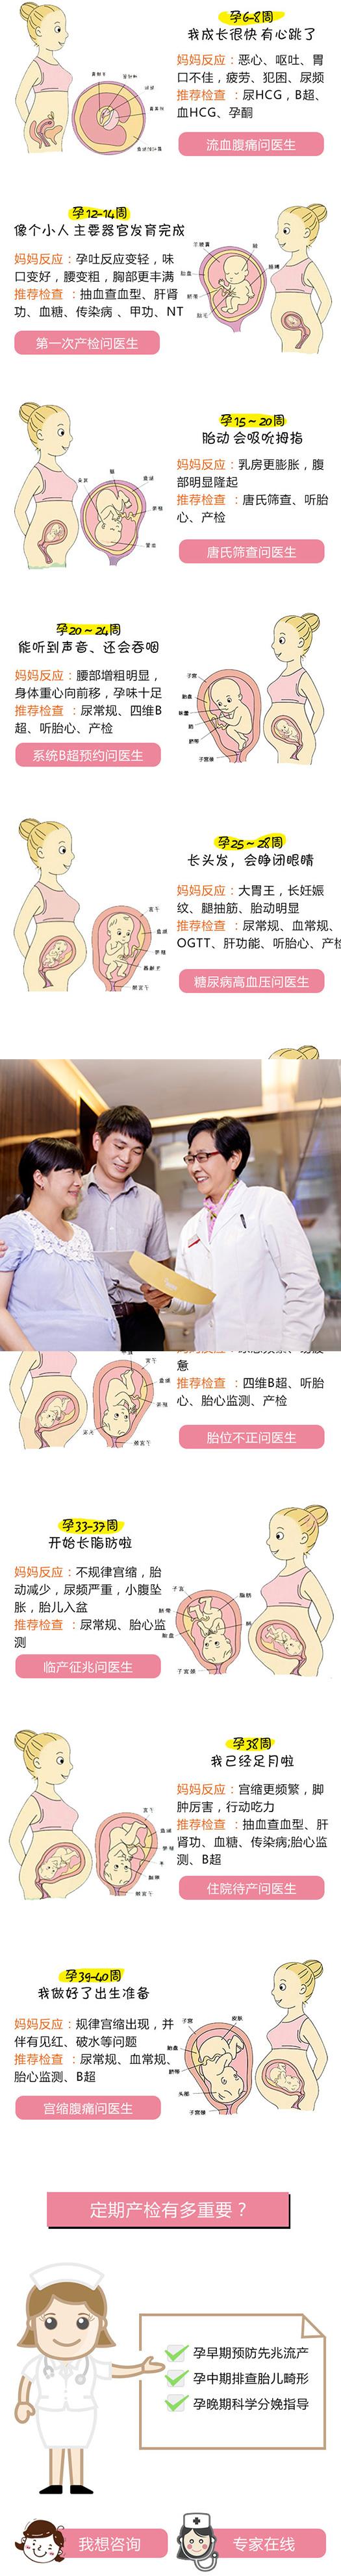 孕6-8周 成长很快 有心跳了(配发育图) 妈妈反应:恶心、呕吐、胃口不佳,疲劳、犯困、尿频  推荐检查 :尿HCG,B超、血HCG、孕酮                怀孕流血、腹痛  问医生 孕12-14周  像个小人 主要器官发育完成  (配发育图)           妈妈变化:孕吐反应变轻,味口变好,腰变粗,胸部更丰满。 推荐检查:抽血查血型、肝肾功、血糖、传染病 、甲功、NT 第一次产检 问医生   孕15~20周 胎动 会吸吮拇指(配发育图) 妈妈变化:乳房更膨胀,腹部明显隆起。 推荐检查:唐氏筛查、听胎心、产检  唐氏筛查  问医生    孕20~24周 能听到声音、还会吞咽(配发育图) 妈妈变化:腰部增粗明显,身体重心向前移,孕味十足 推荐检查:尿常规、四维B超、听胎心、产检 系统B超预约  问医生    孕25~28周  长头发,会睁闭眼睛(配发育图) 妈妈变化:大胃王,长妊娠纹、腿抽筋、胎动明显。 推荐检查:尿常规、血常规、OGTT、肝功能、听胎心、产检 孕期糖尿病、高血压  问医生     孕29~30周  头发浓密、骨骼变硬(配发育图) 妈妈变化:体重继续增加,行动不便、出现假性宫缩。 推荐检查:尿常规、听胎心、产检 脚肿   问医生 孕31-32周 内脏器官发育成熟(配发育图) 妈妈变化:尿意频繁、易疲惫 推荐检查:四维B超、听胎心、胎心监测、产检 胎位不正 问医生 孕33-37周  开始长脂肪啦(配发育图) 妈妈变化:不规律宫缩,胎动减少,尿频严重,小腹坠胀,胎儿入盆。 推荐检查:尿常规、胎心监测 临产征兆 问医生 孕38周 已经足月啦(配发育图) 妈妈变化:宫缩更频繁,脚肿厉害,行动吃力 推荐检查:抽血查血型、肝肾功、血糖、传染病;胎心监测、B超 住院待产 问医生 孕39-40周 做好了出生准备(配发育图) 妈妈变化:规律宫缩出现,并伴有见红、破水等问题。 推荐检查:尿常规、血常规、胎心监测、B超 宫缩腹痛 问医生 定期产检有多重要? 孕早期预防先兆流产  孕中期排查胎儿畸形  孕晚期科学分娩指导 怀孕产检 问医院